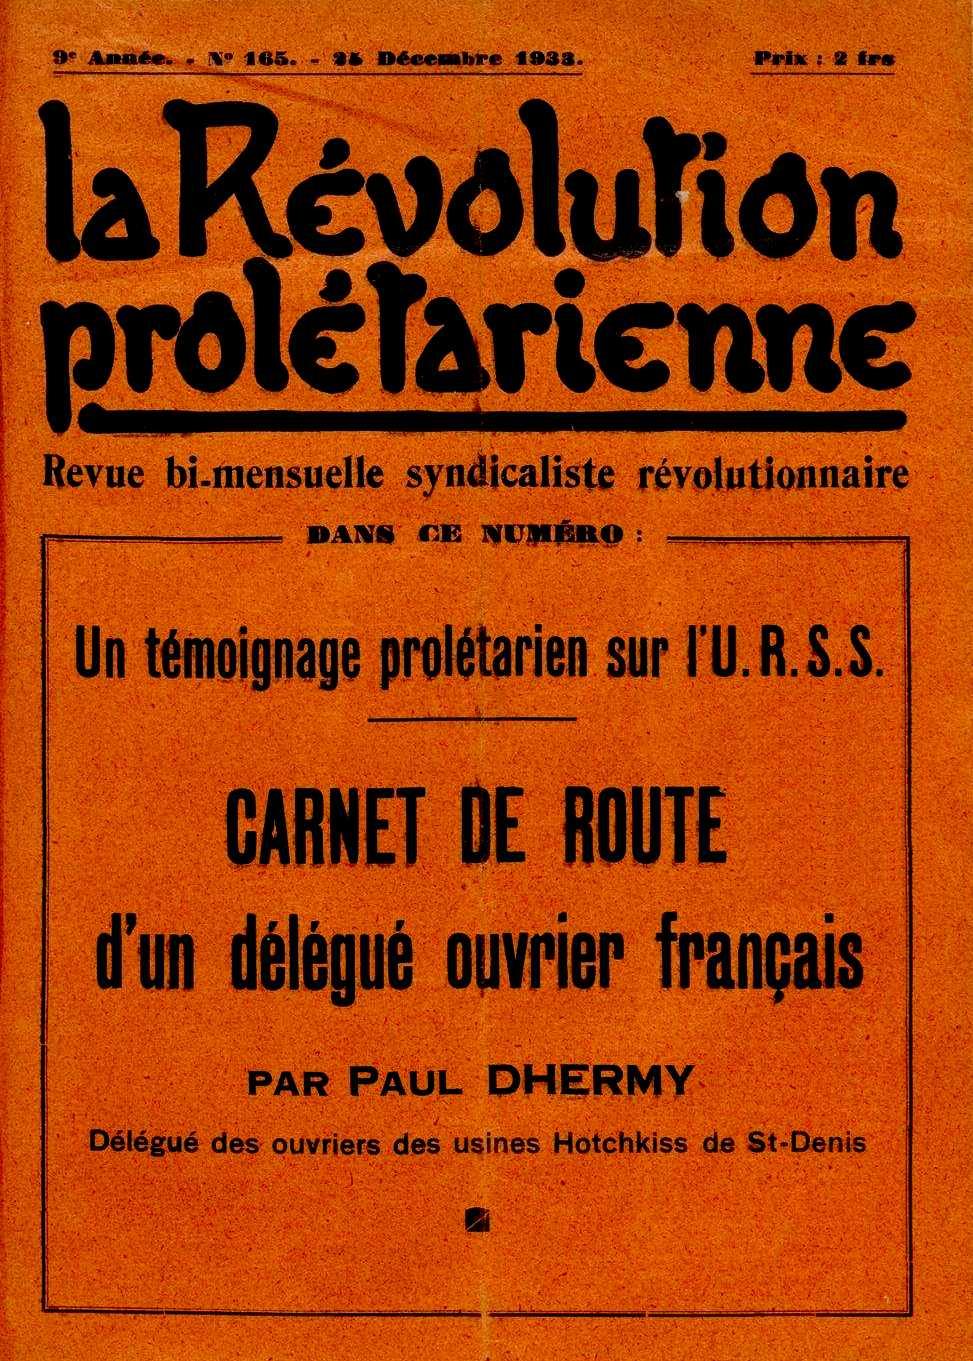 """Portada del número de """"La Révolution Prolétarienne"""" que conté l'article de Paul Dhermy"""